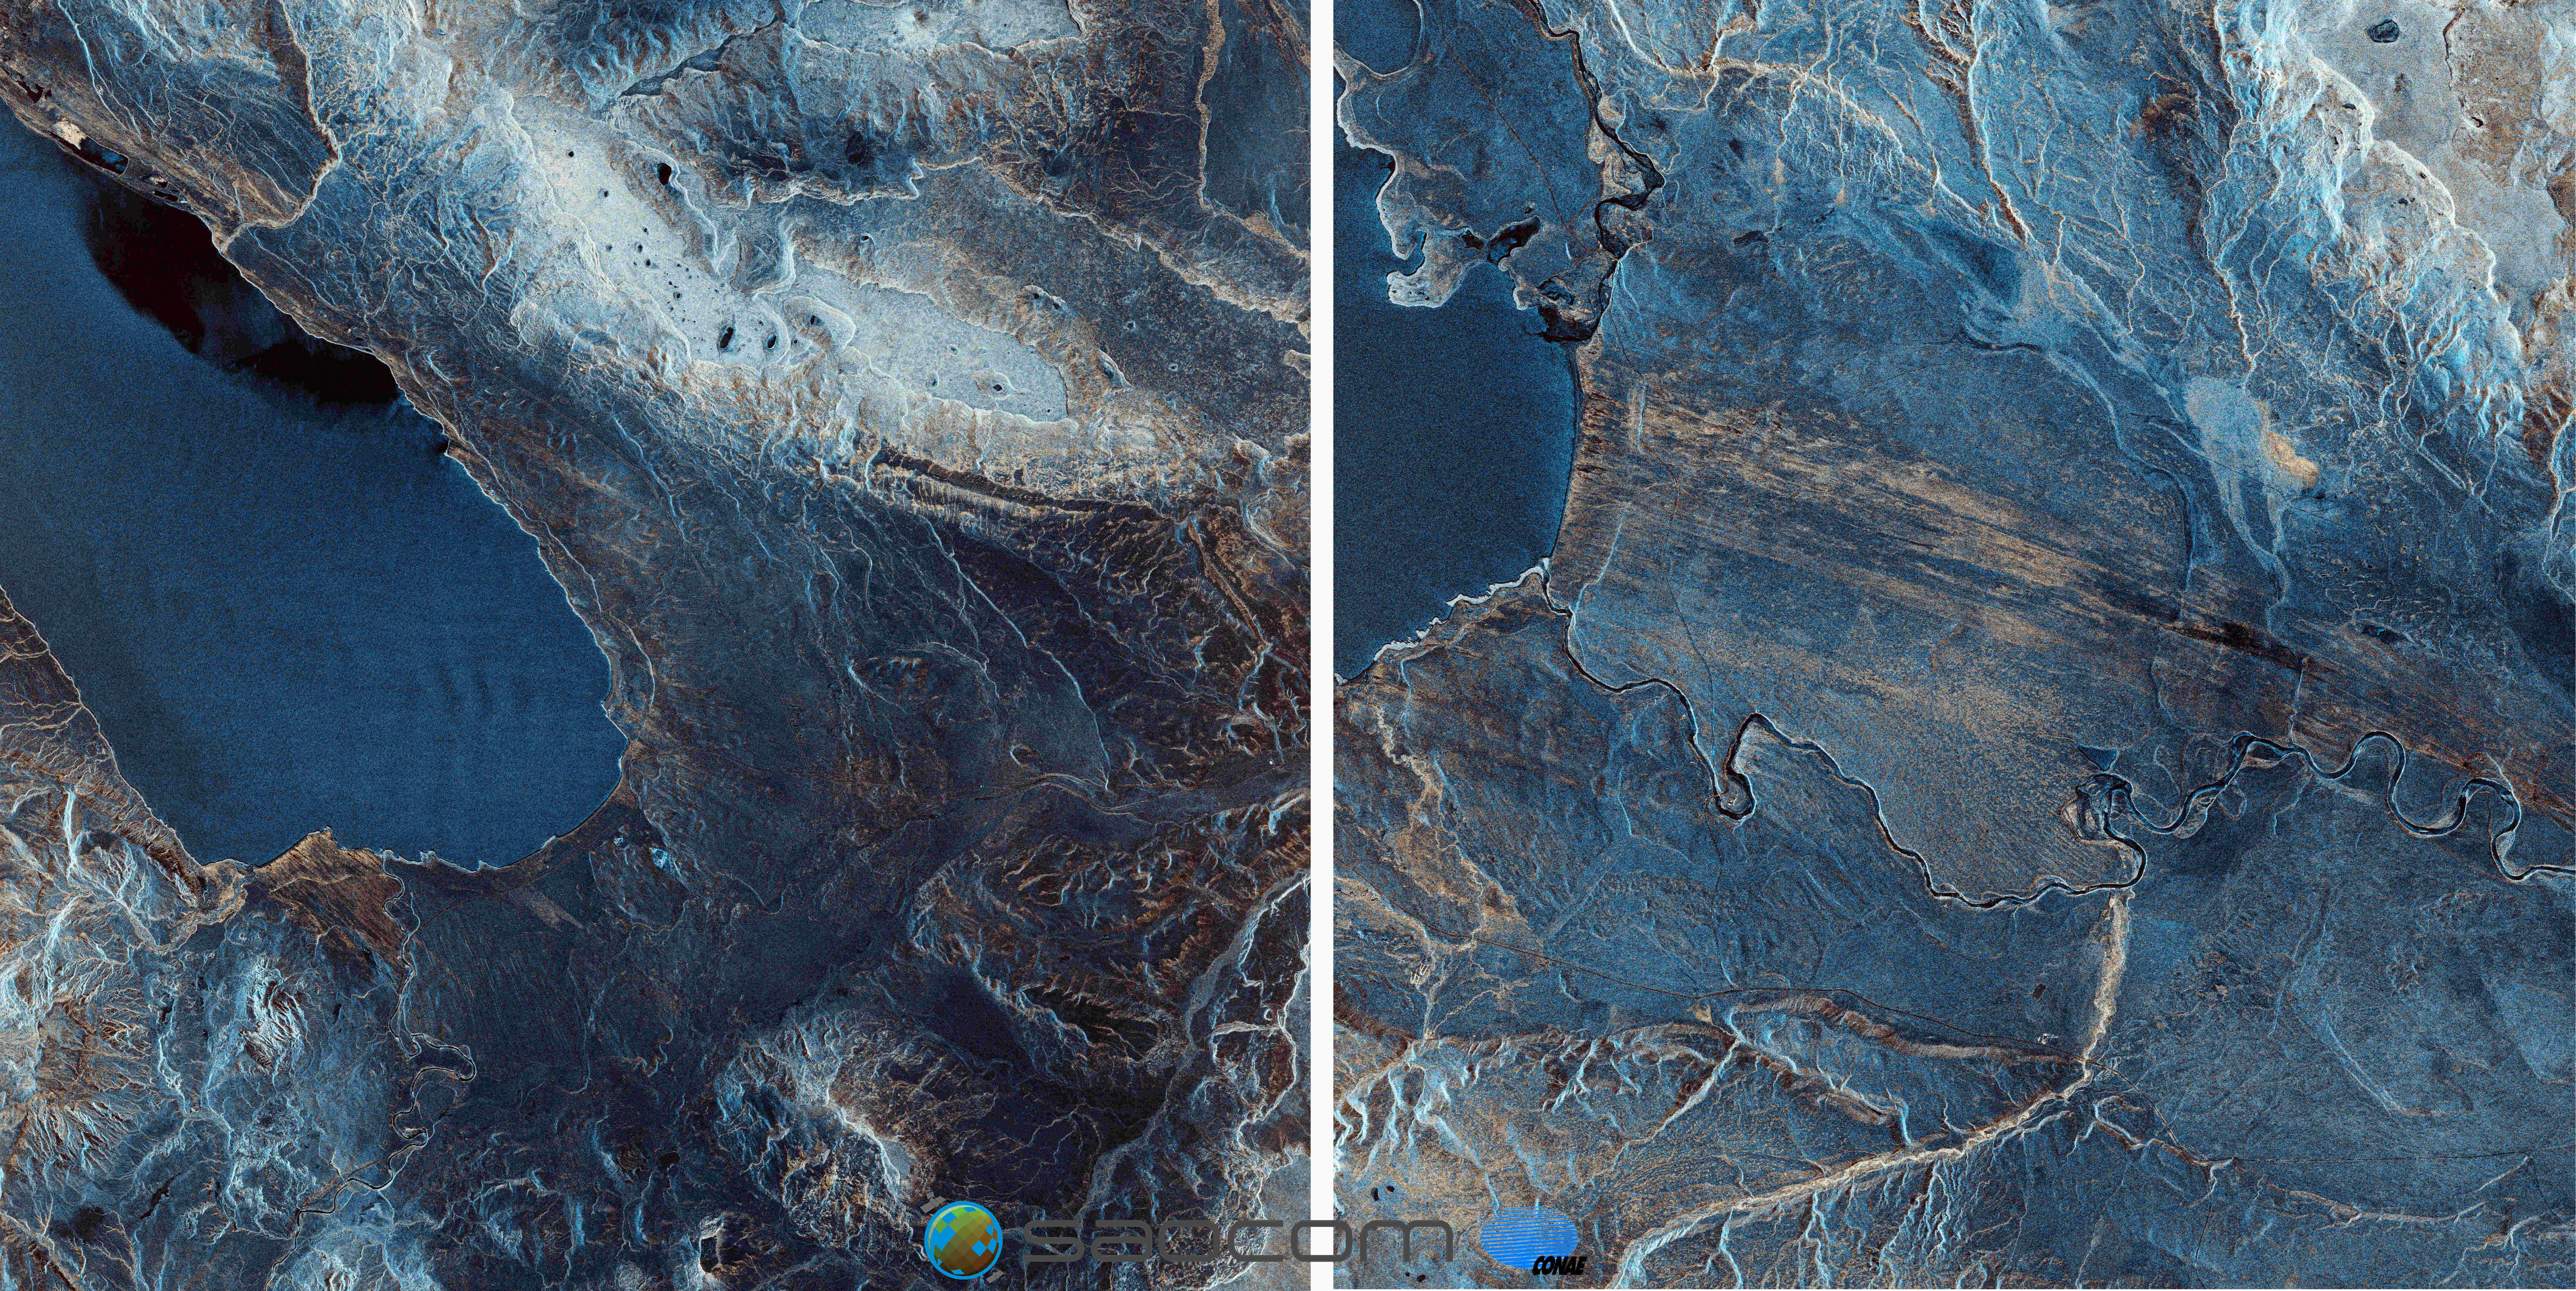 SAOCOM 1A y SAOCOM 1B - Satélites hechos en Argentina - Página 2 5y6_lagoviedma_lagoargentino